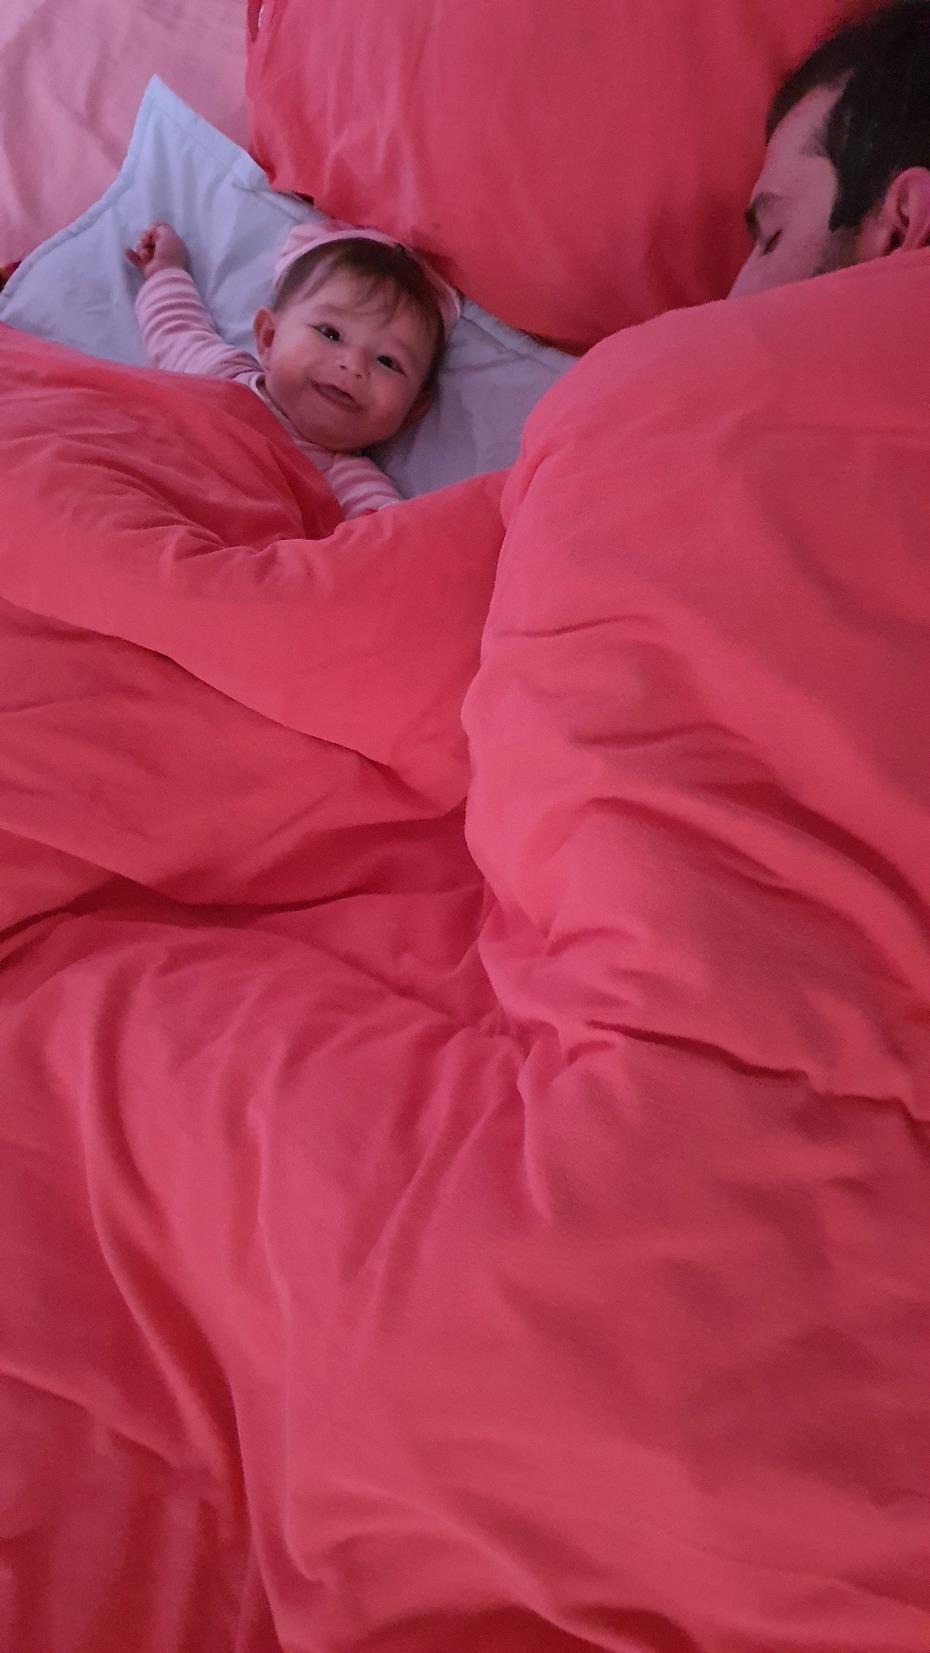 მამიკოს უფრო უყვარს ძილი